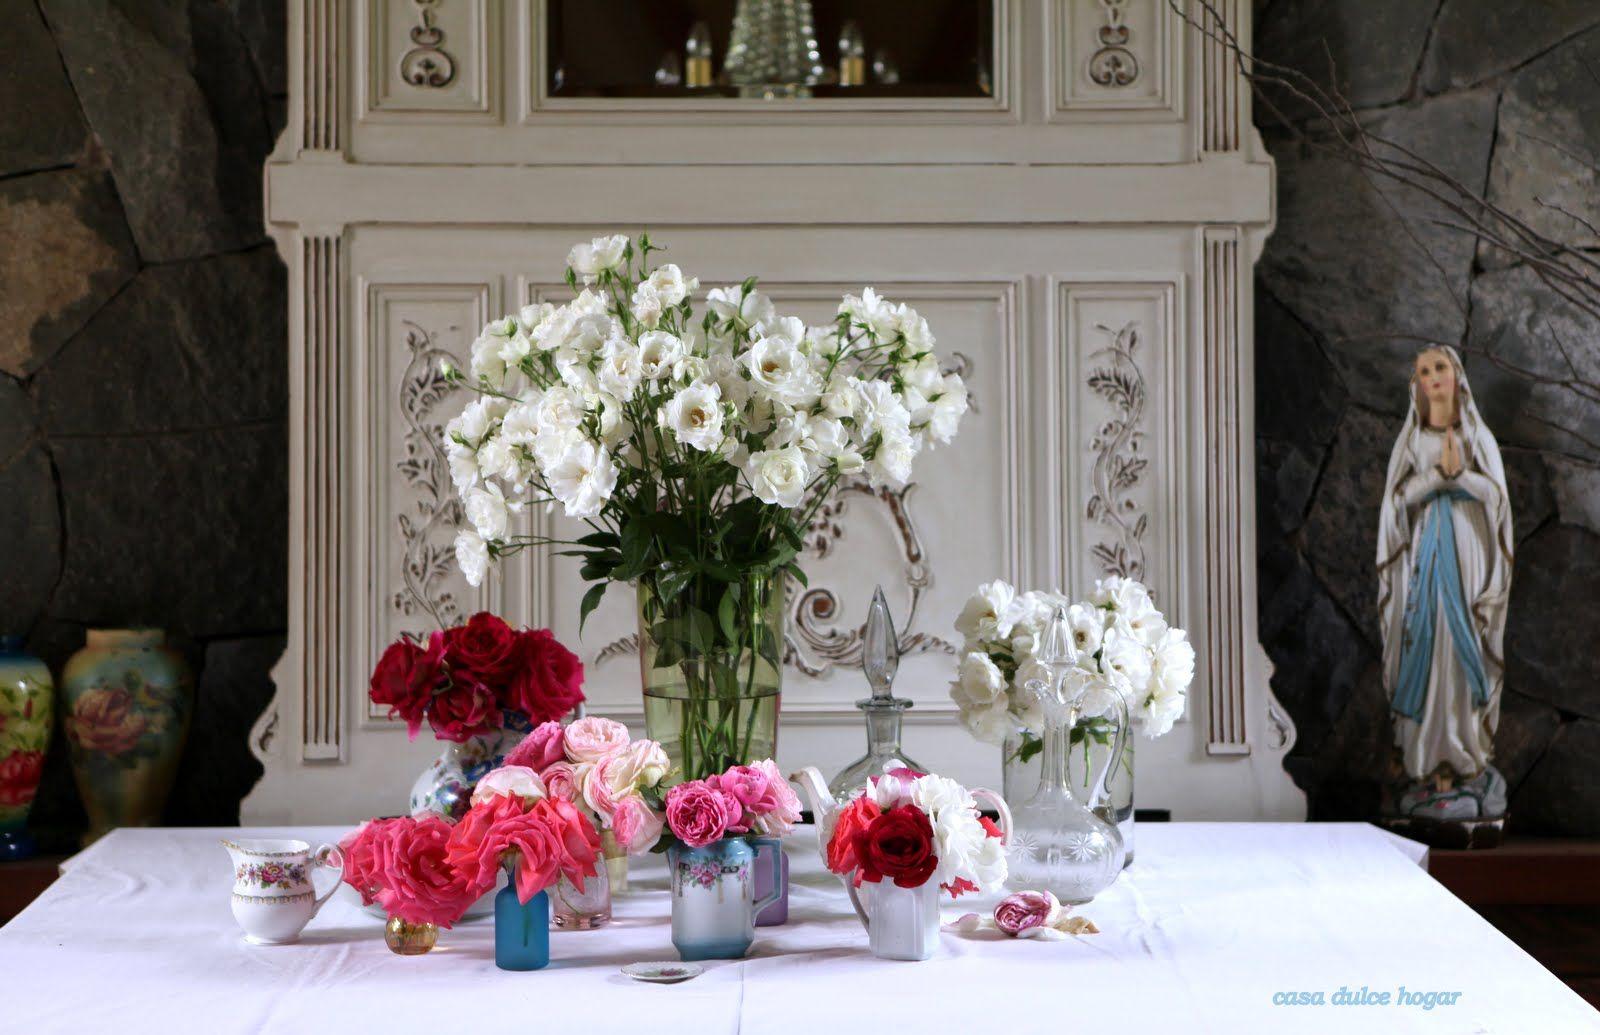 casa dulce hogar: Rosas de mi jardín